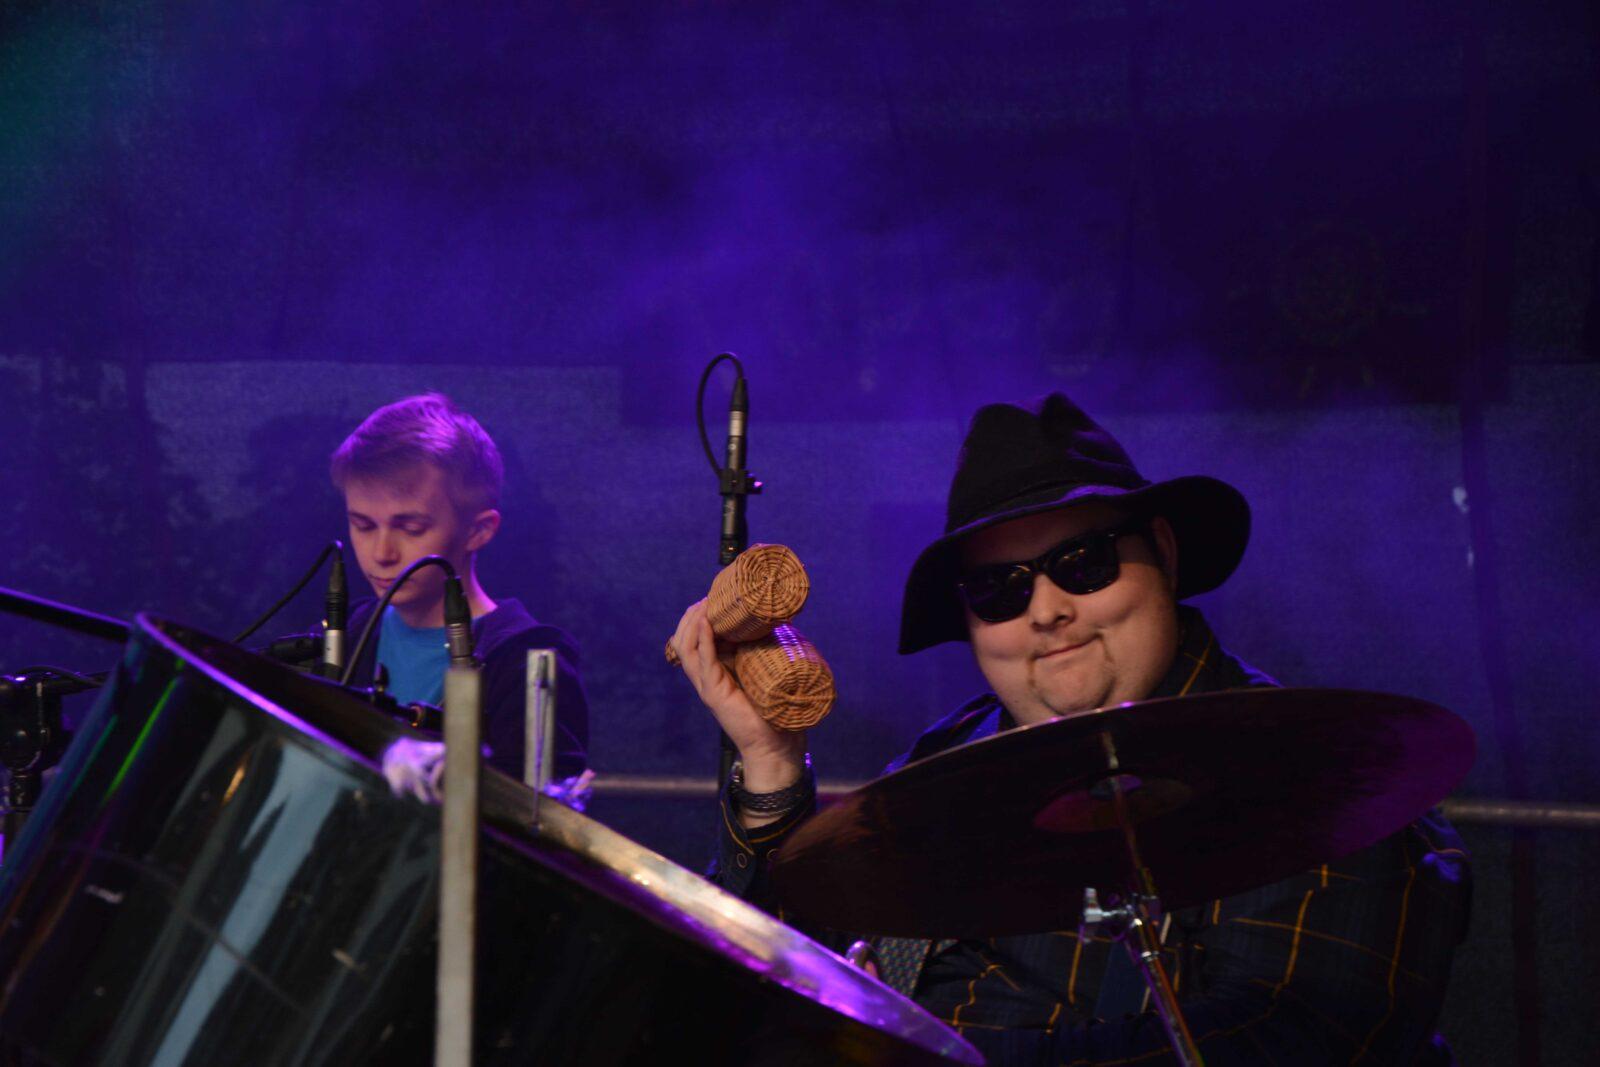 Band Boxitos beim Musik machen